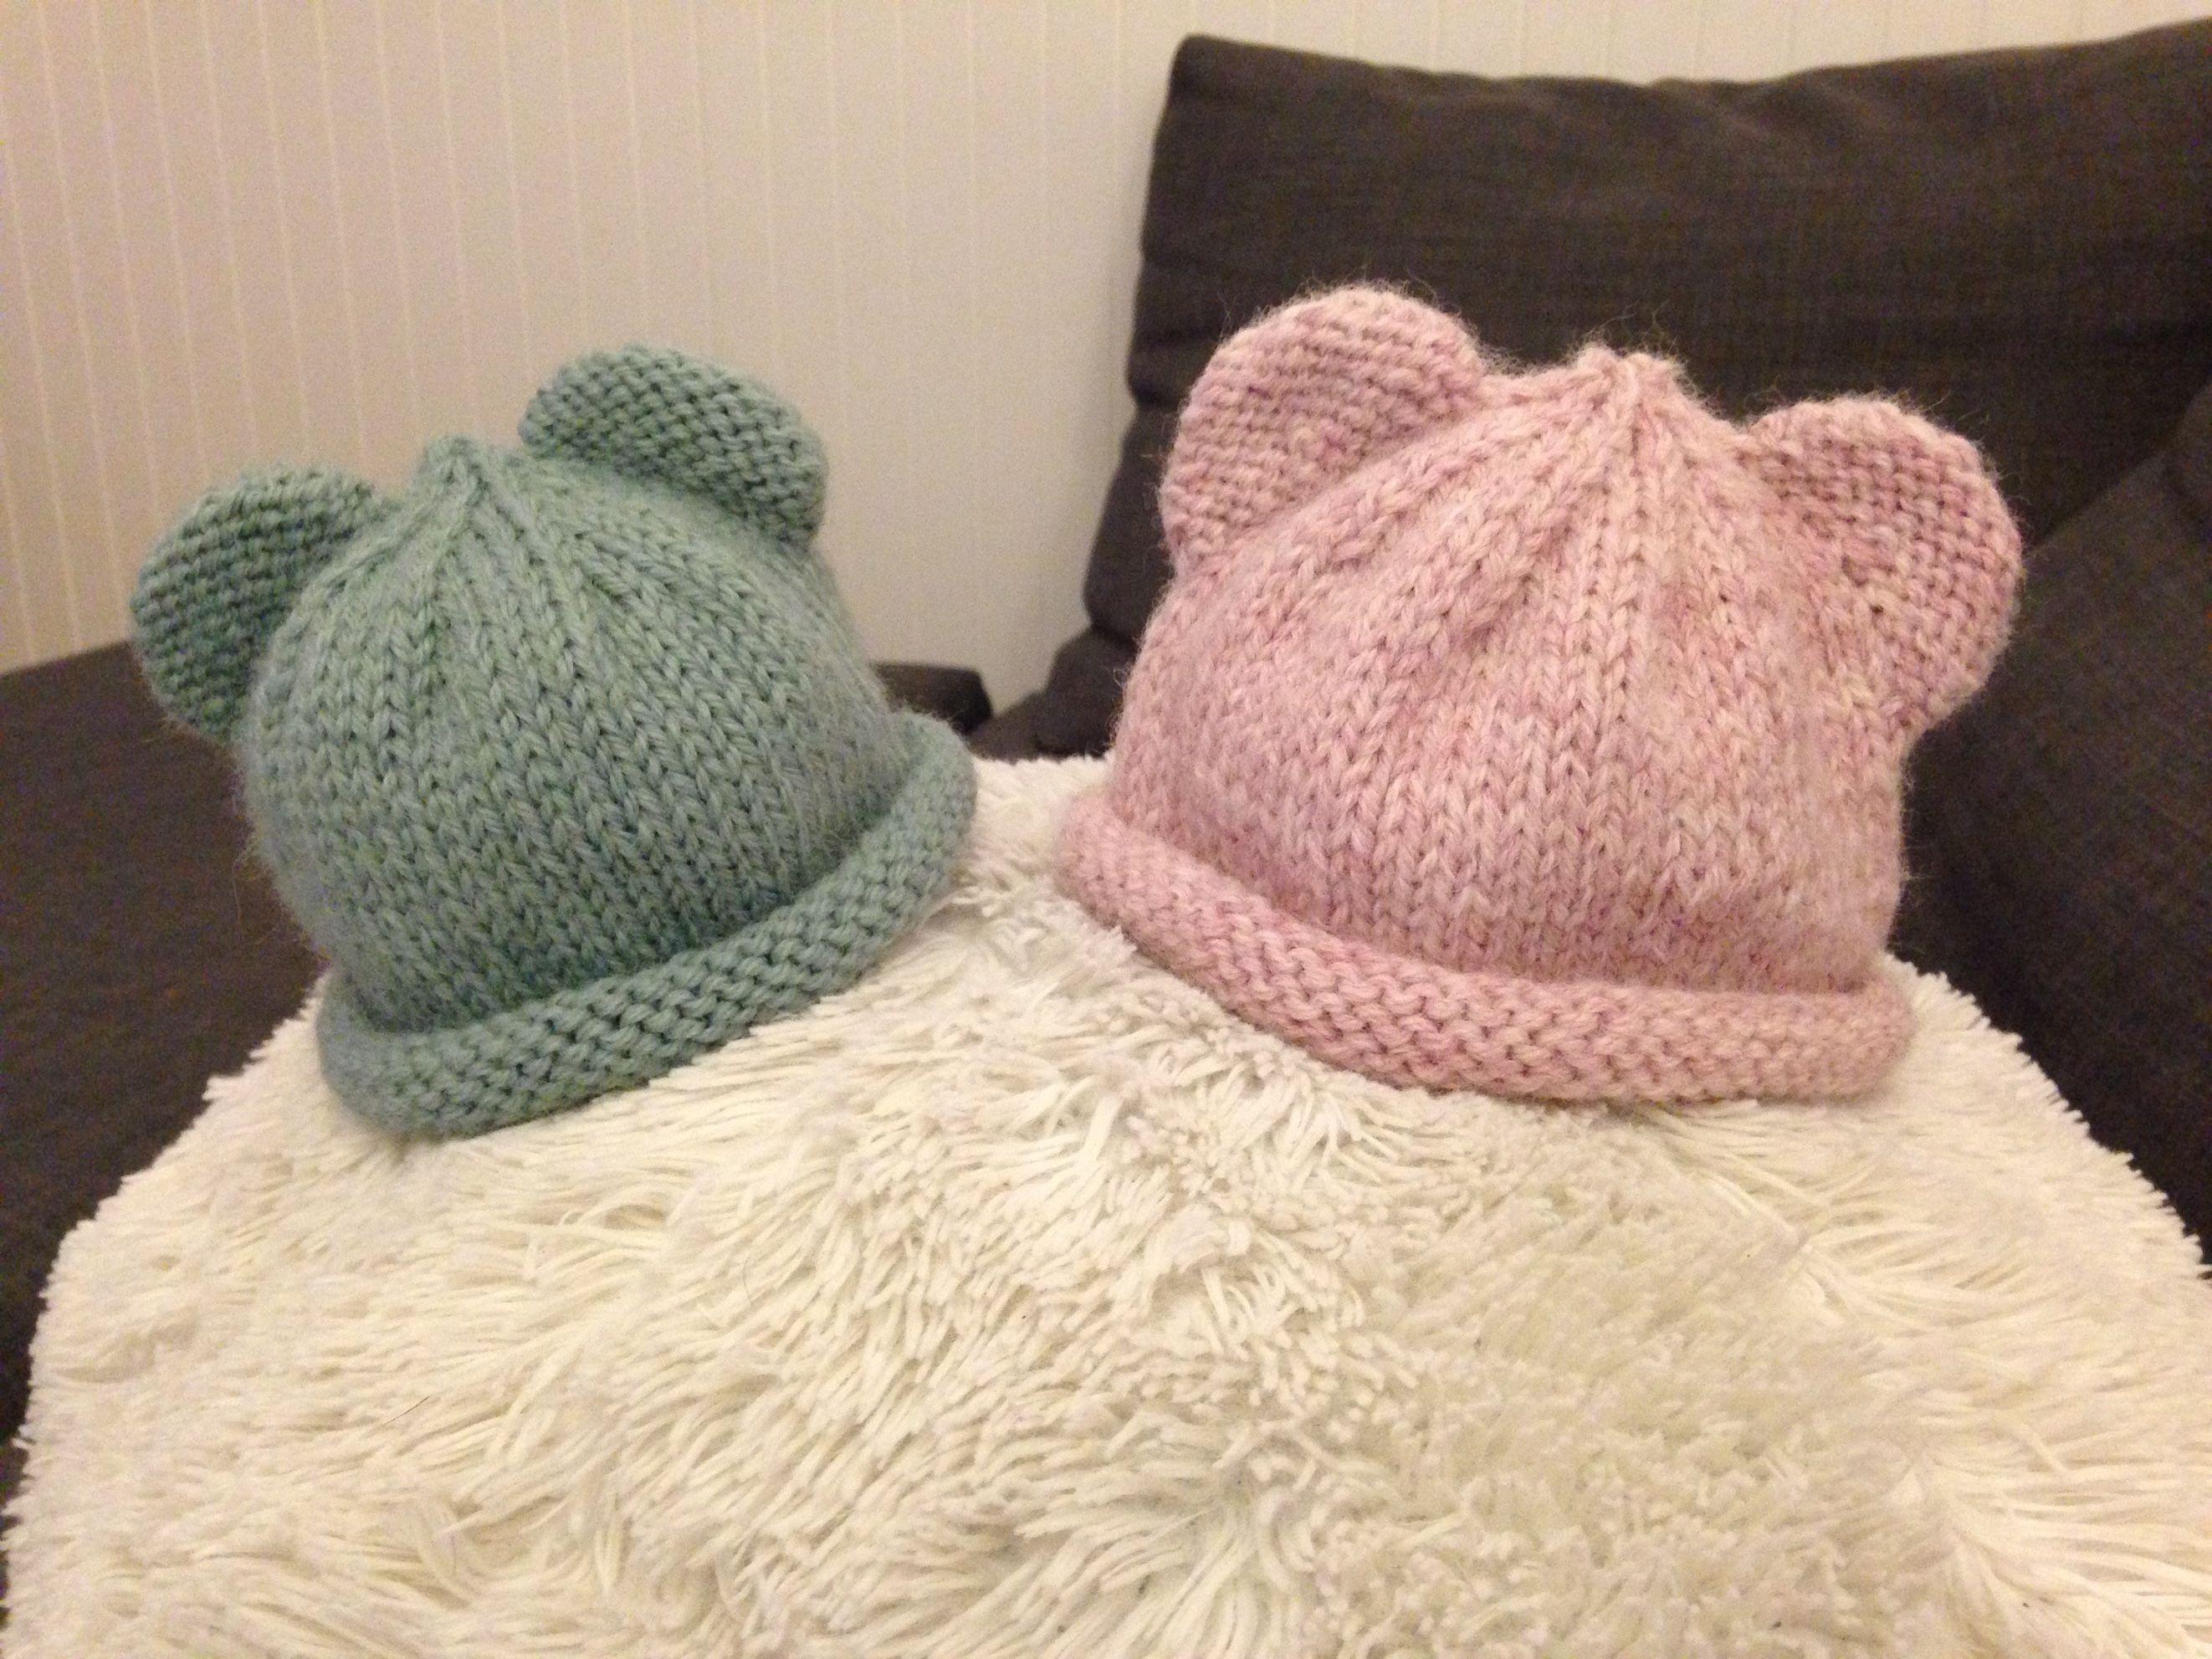 Cute newborn hat with bear ears - FREE pattern by Carolyn Ingram ...